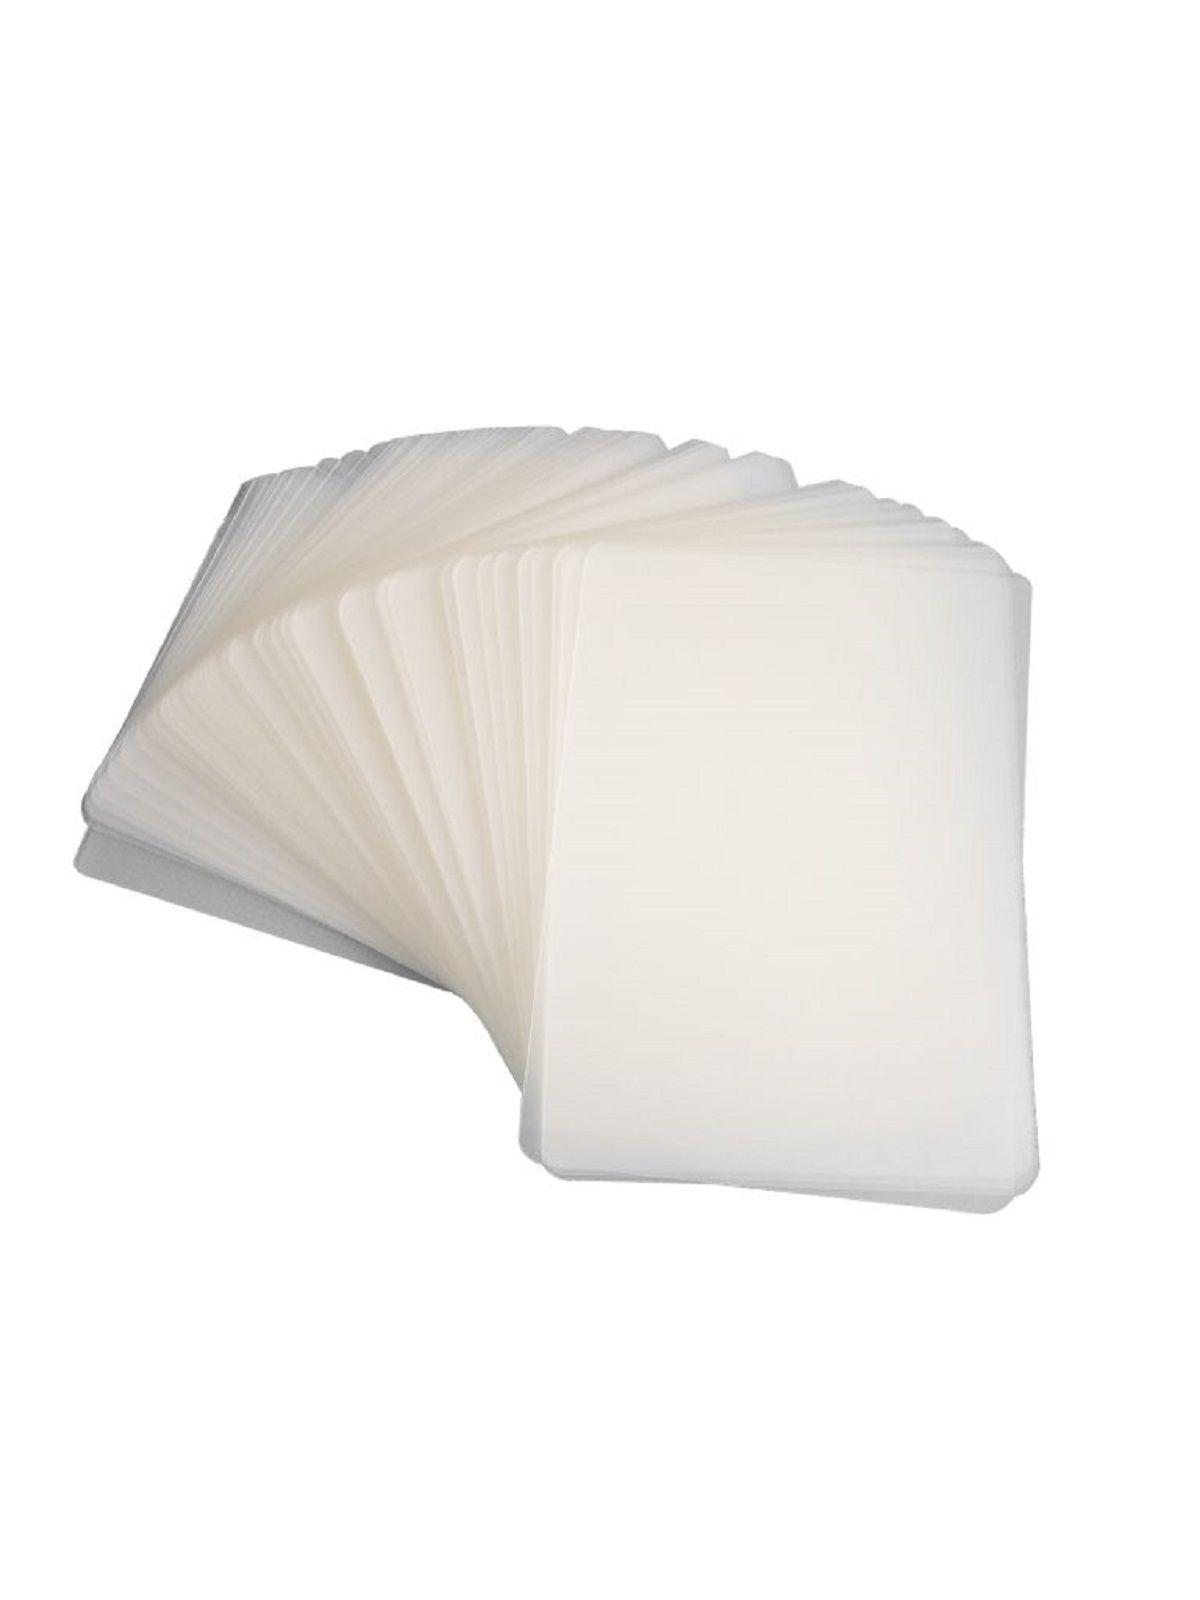 Polaseal para Plastificação CNPJ 121x191x0,10mm (250 micras) - Pacote com 100 unidades  - Click Suprimentos